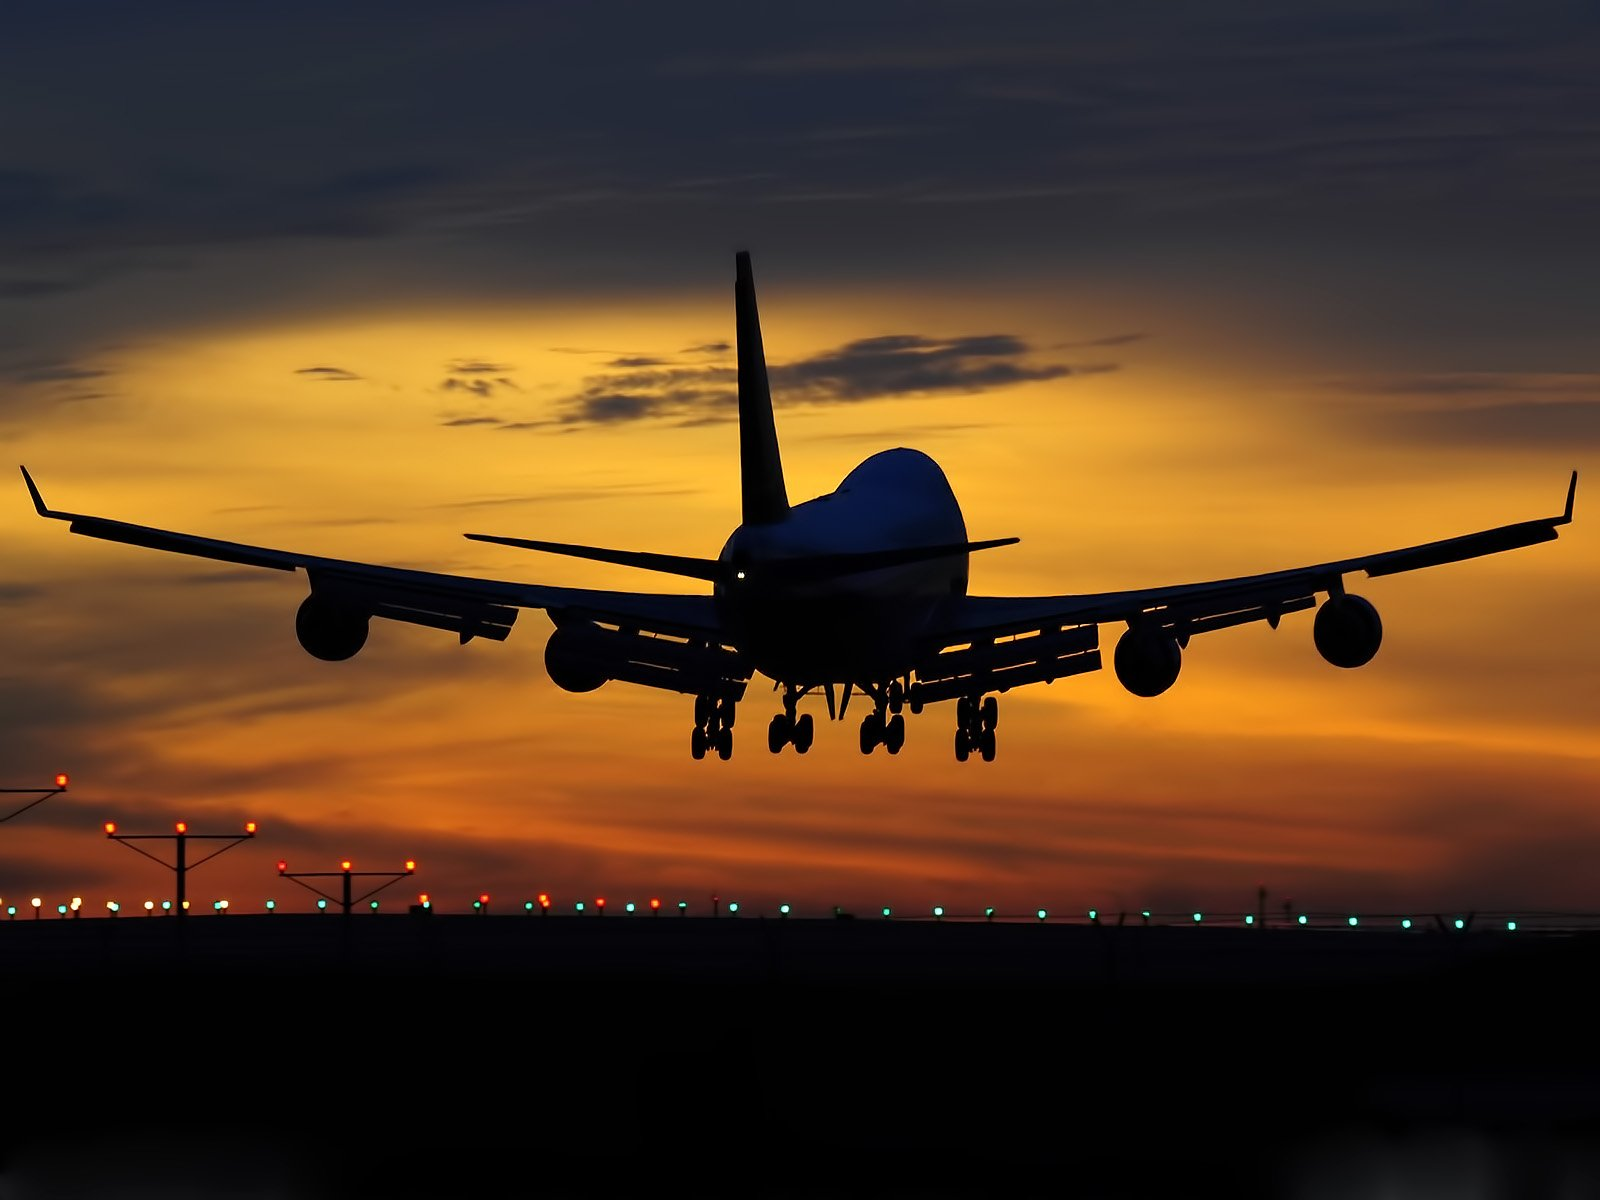 Картинки самолетов, доброе